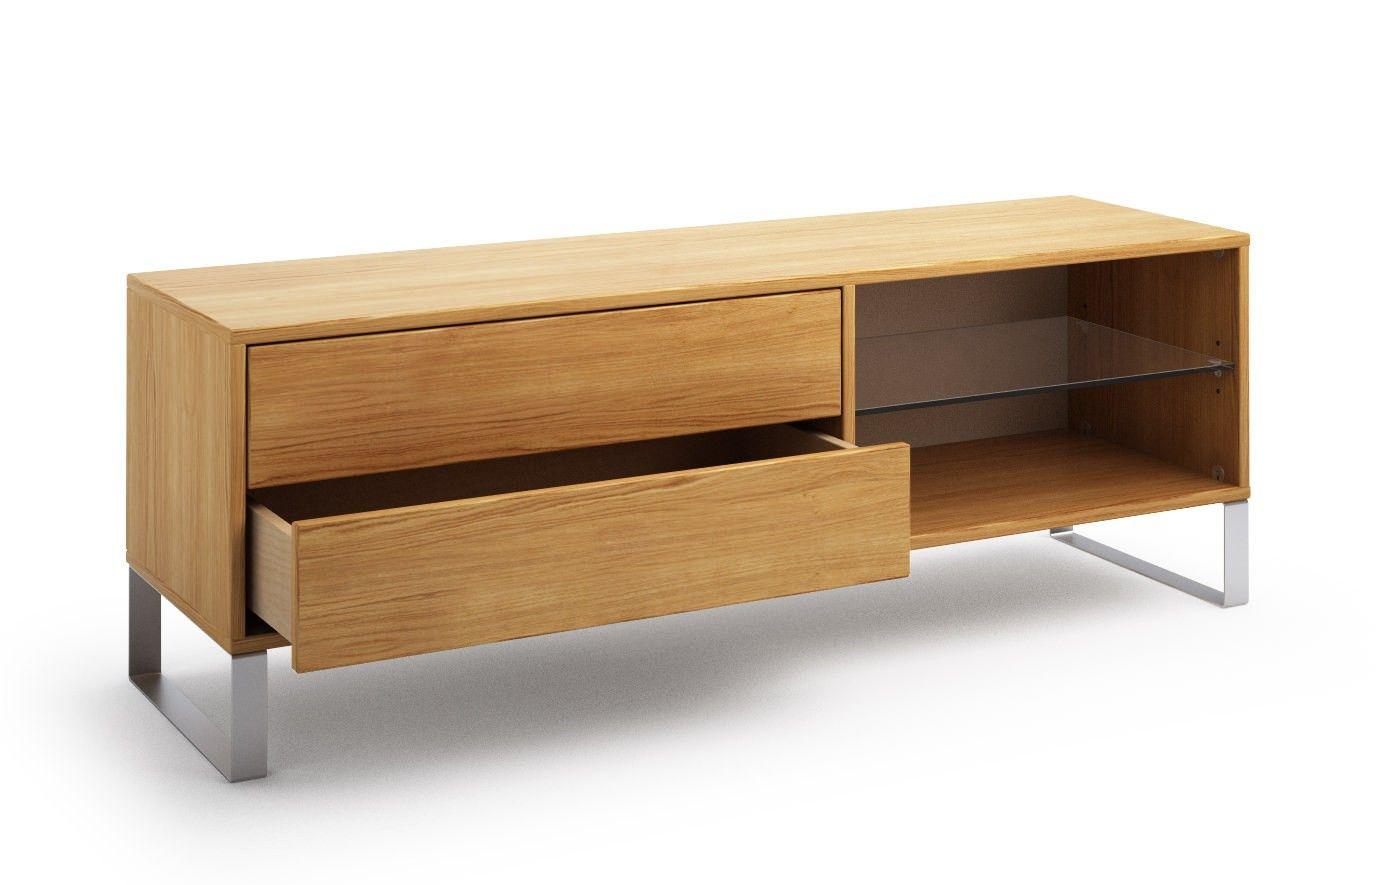 Kitami In Ahorn Lowboard Mobel Nach Mass Wohnzimmer Design Sideboard Design